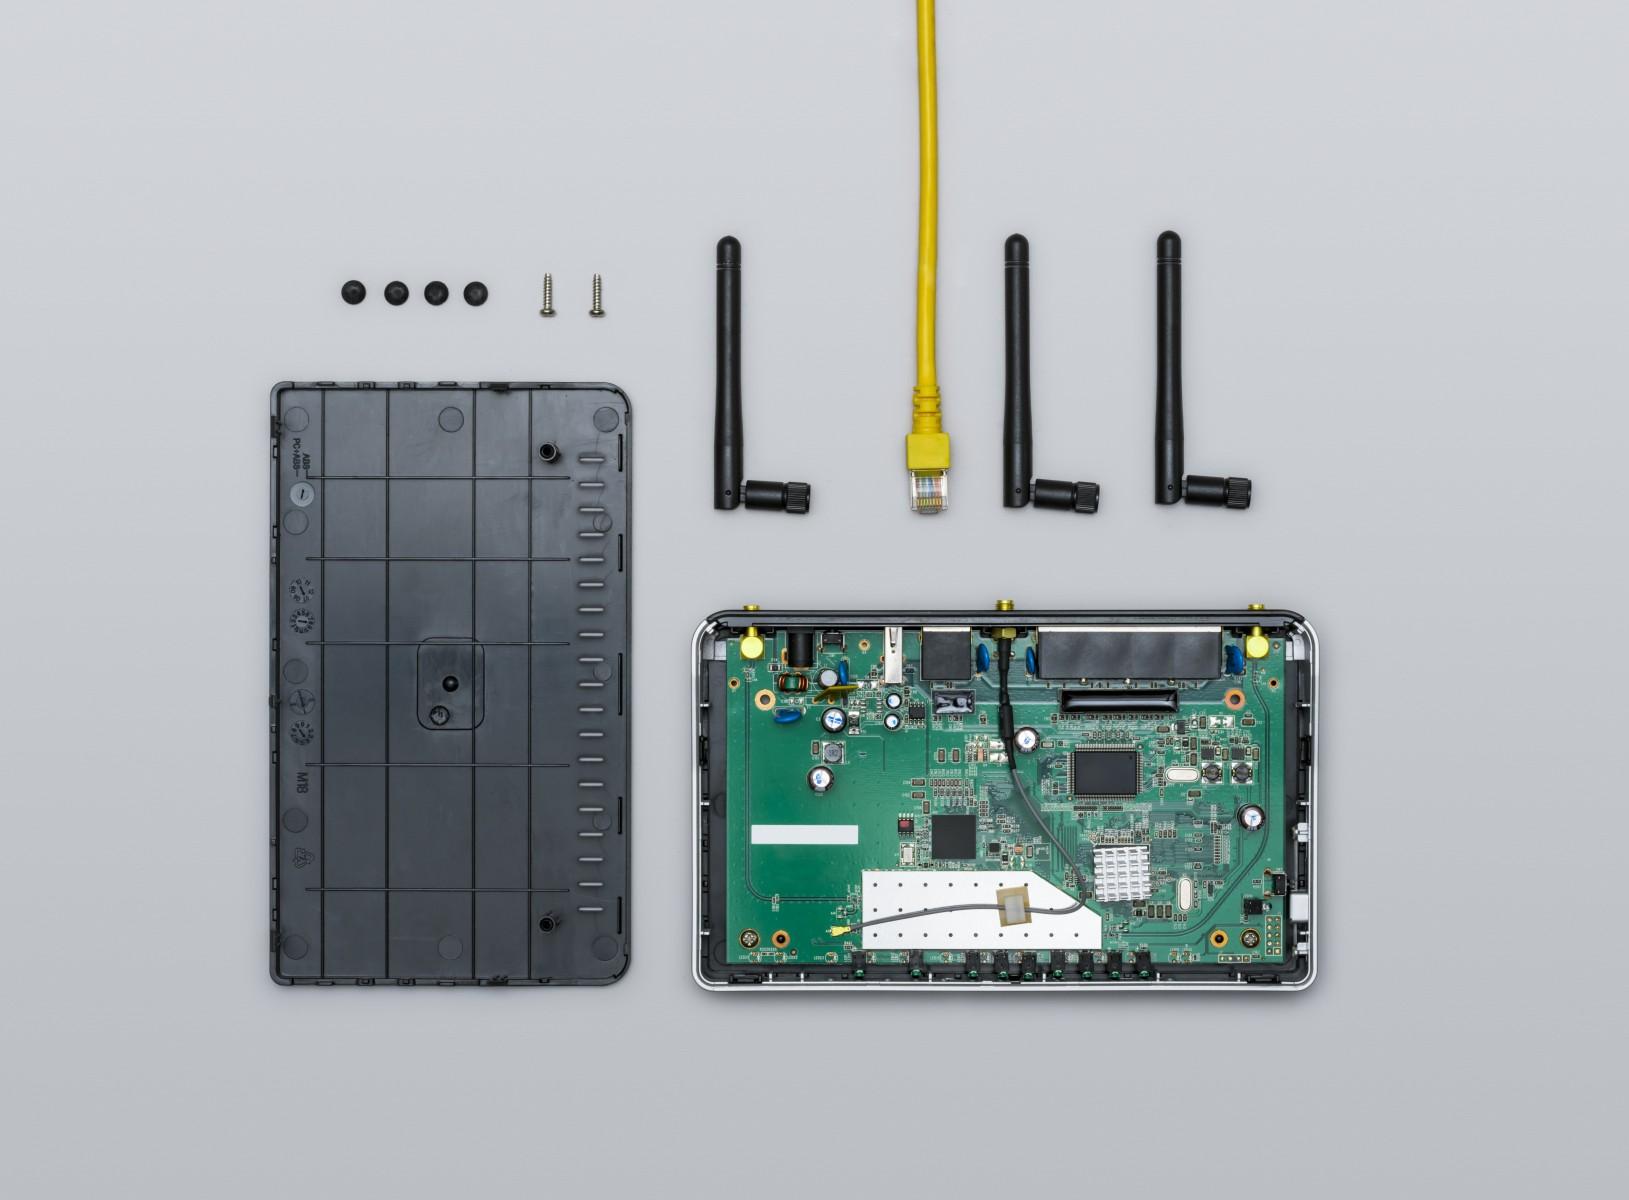 e络盟供应Multicomp Pro全新系列经济型定制机箱